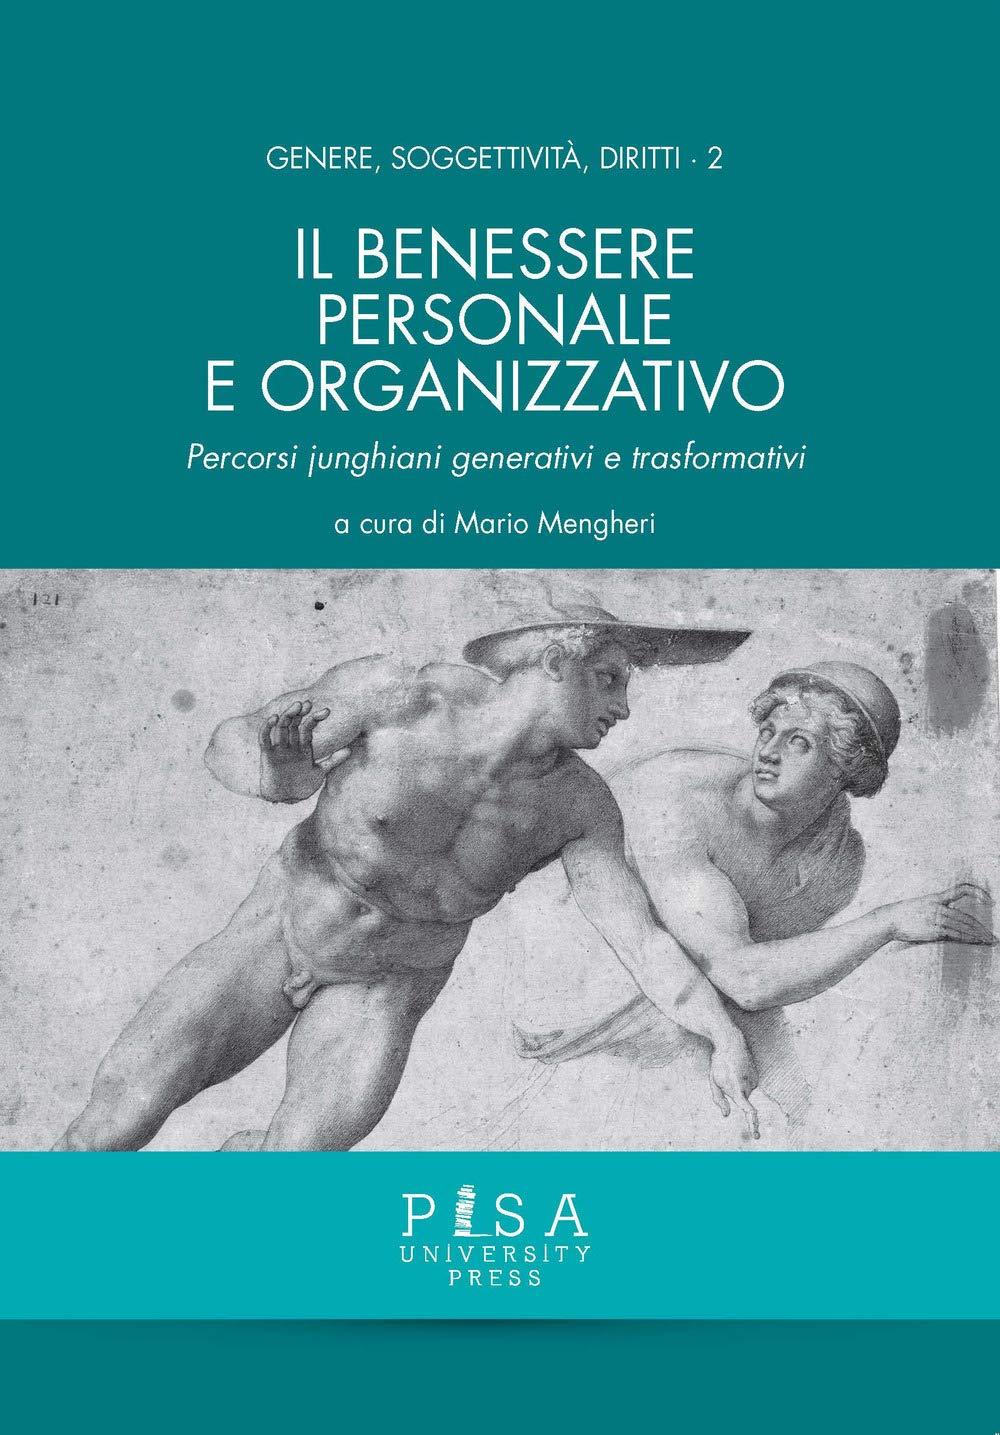 Mario Mengheri - Psicologia - Libro - Il Benessere Personale e Organizzativo